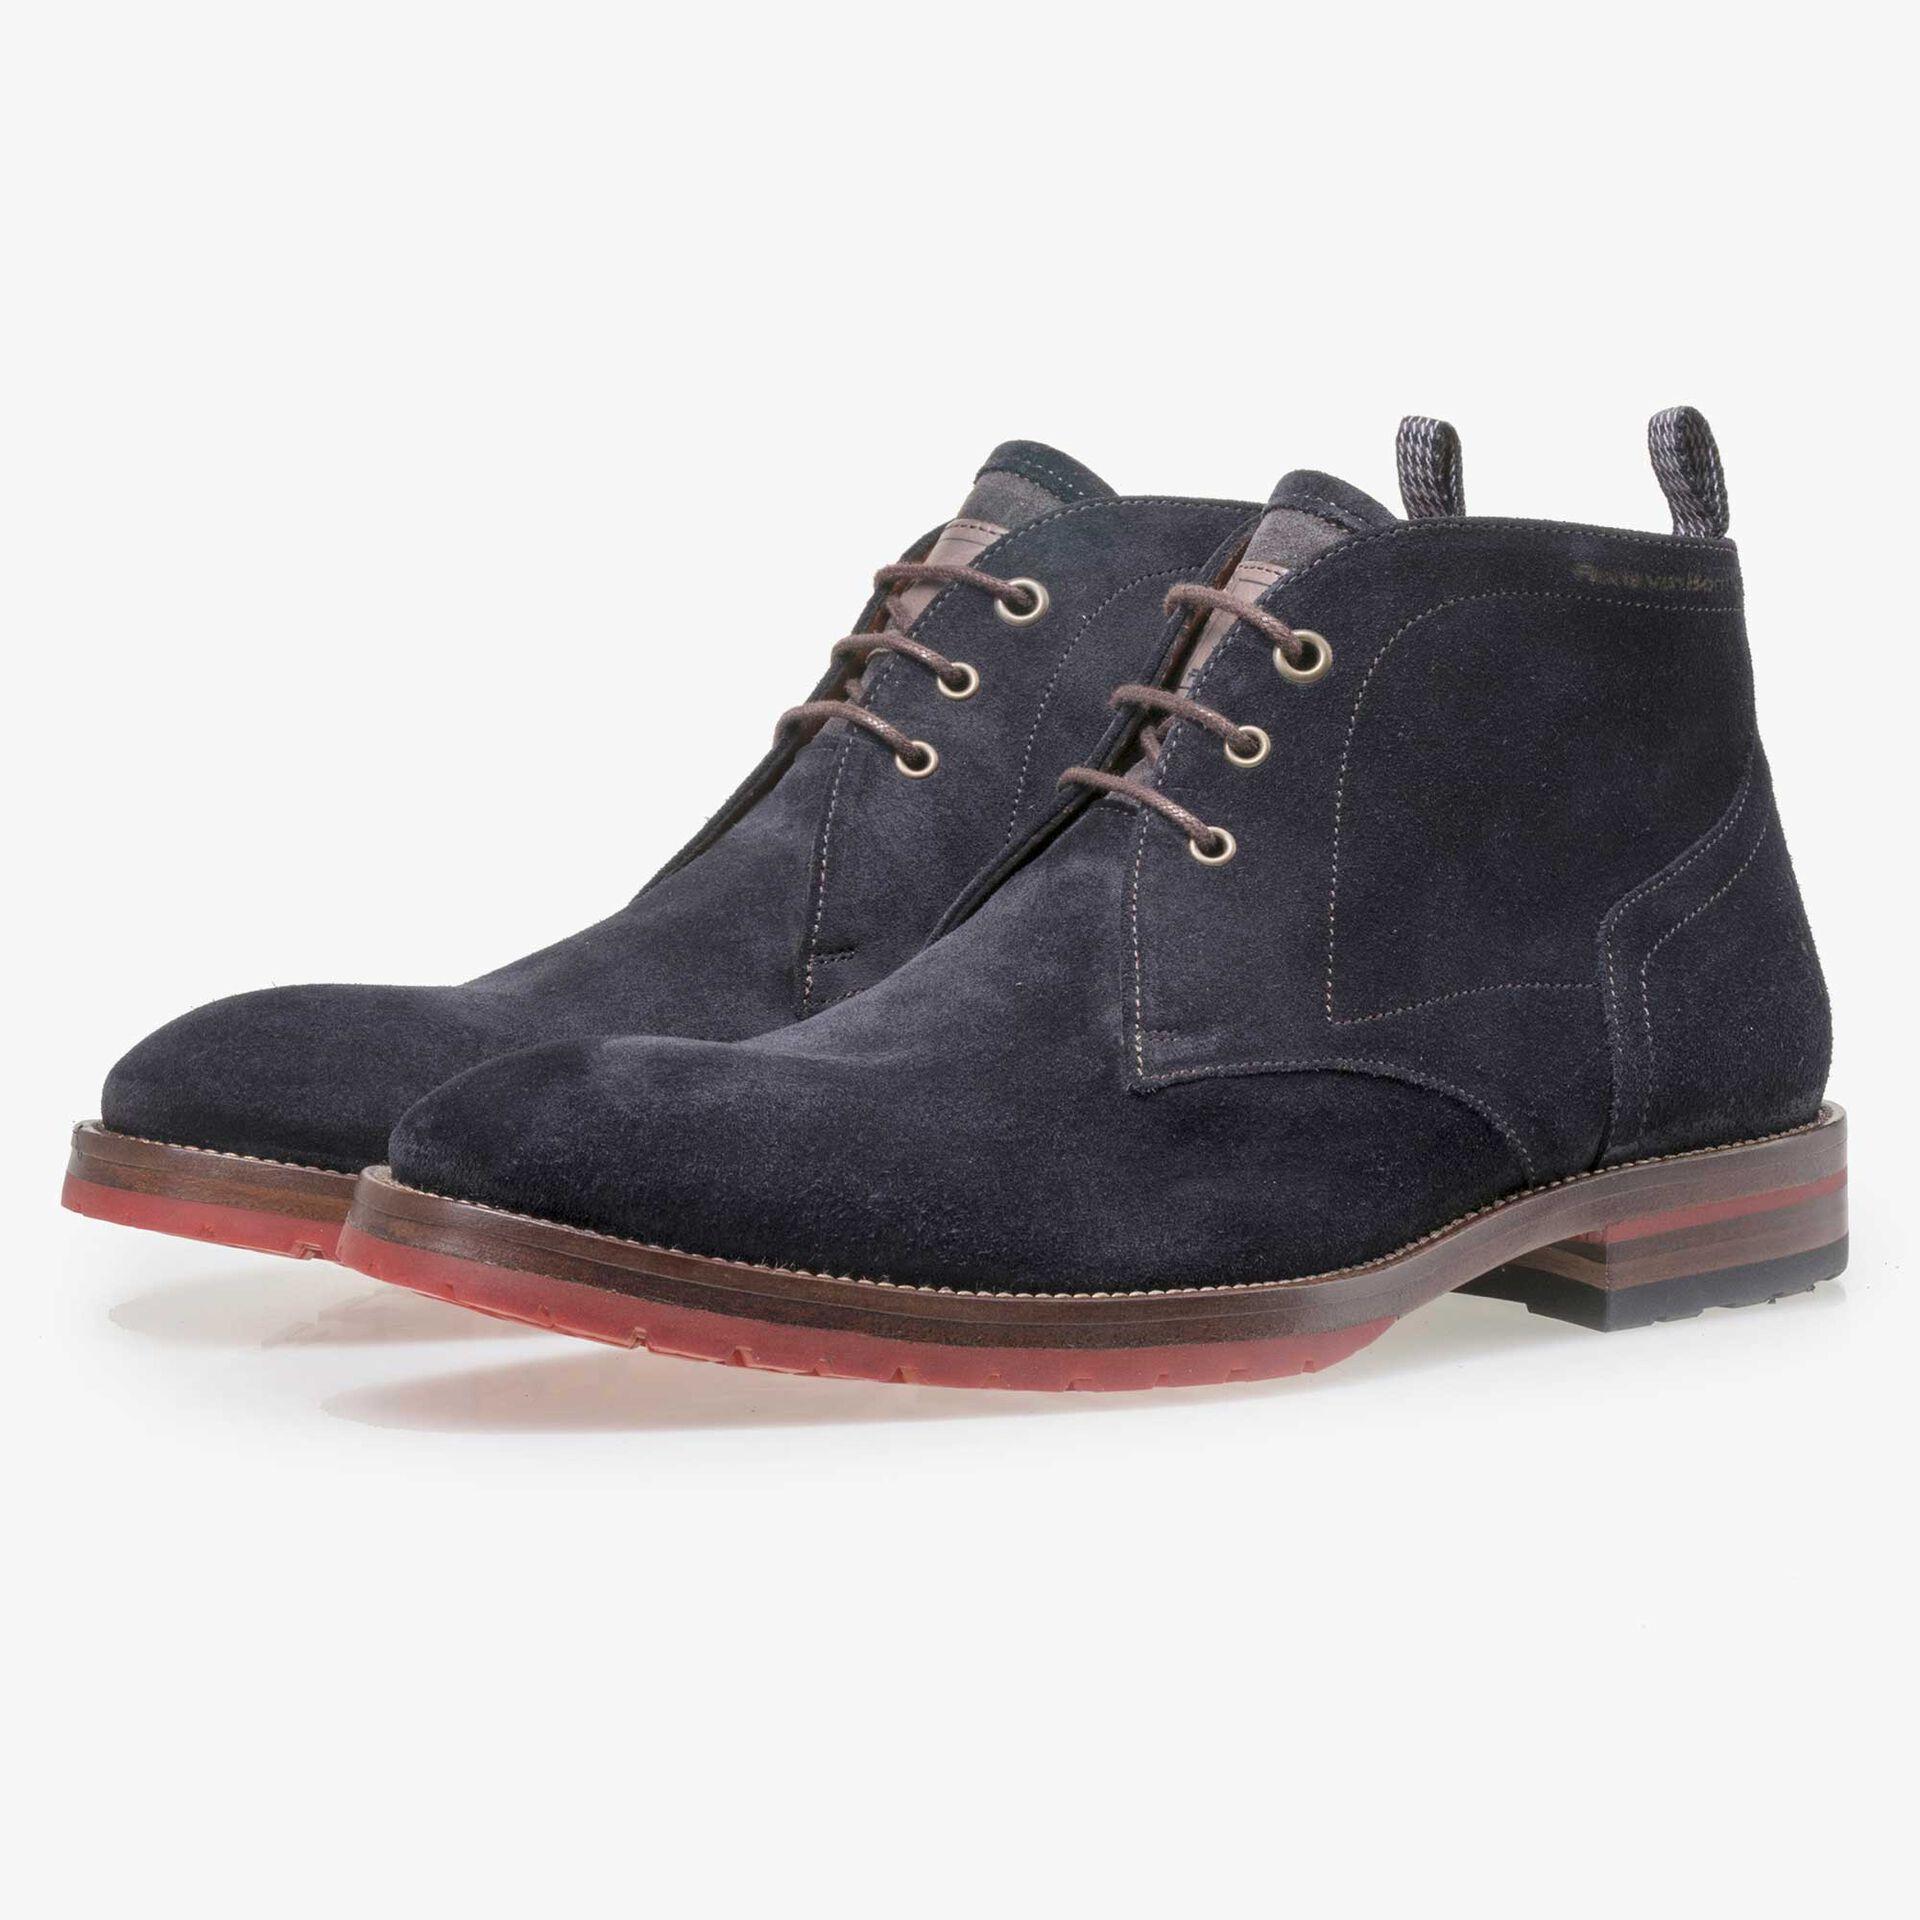 Floris van Bommel men's dark blue suede leather lace boot